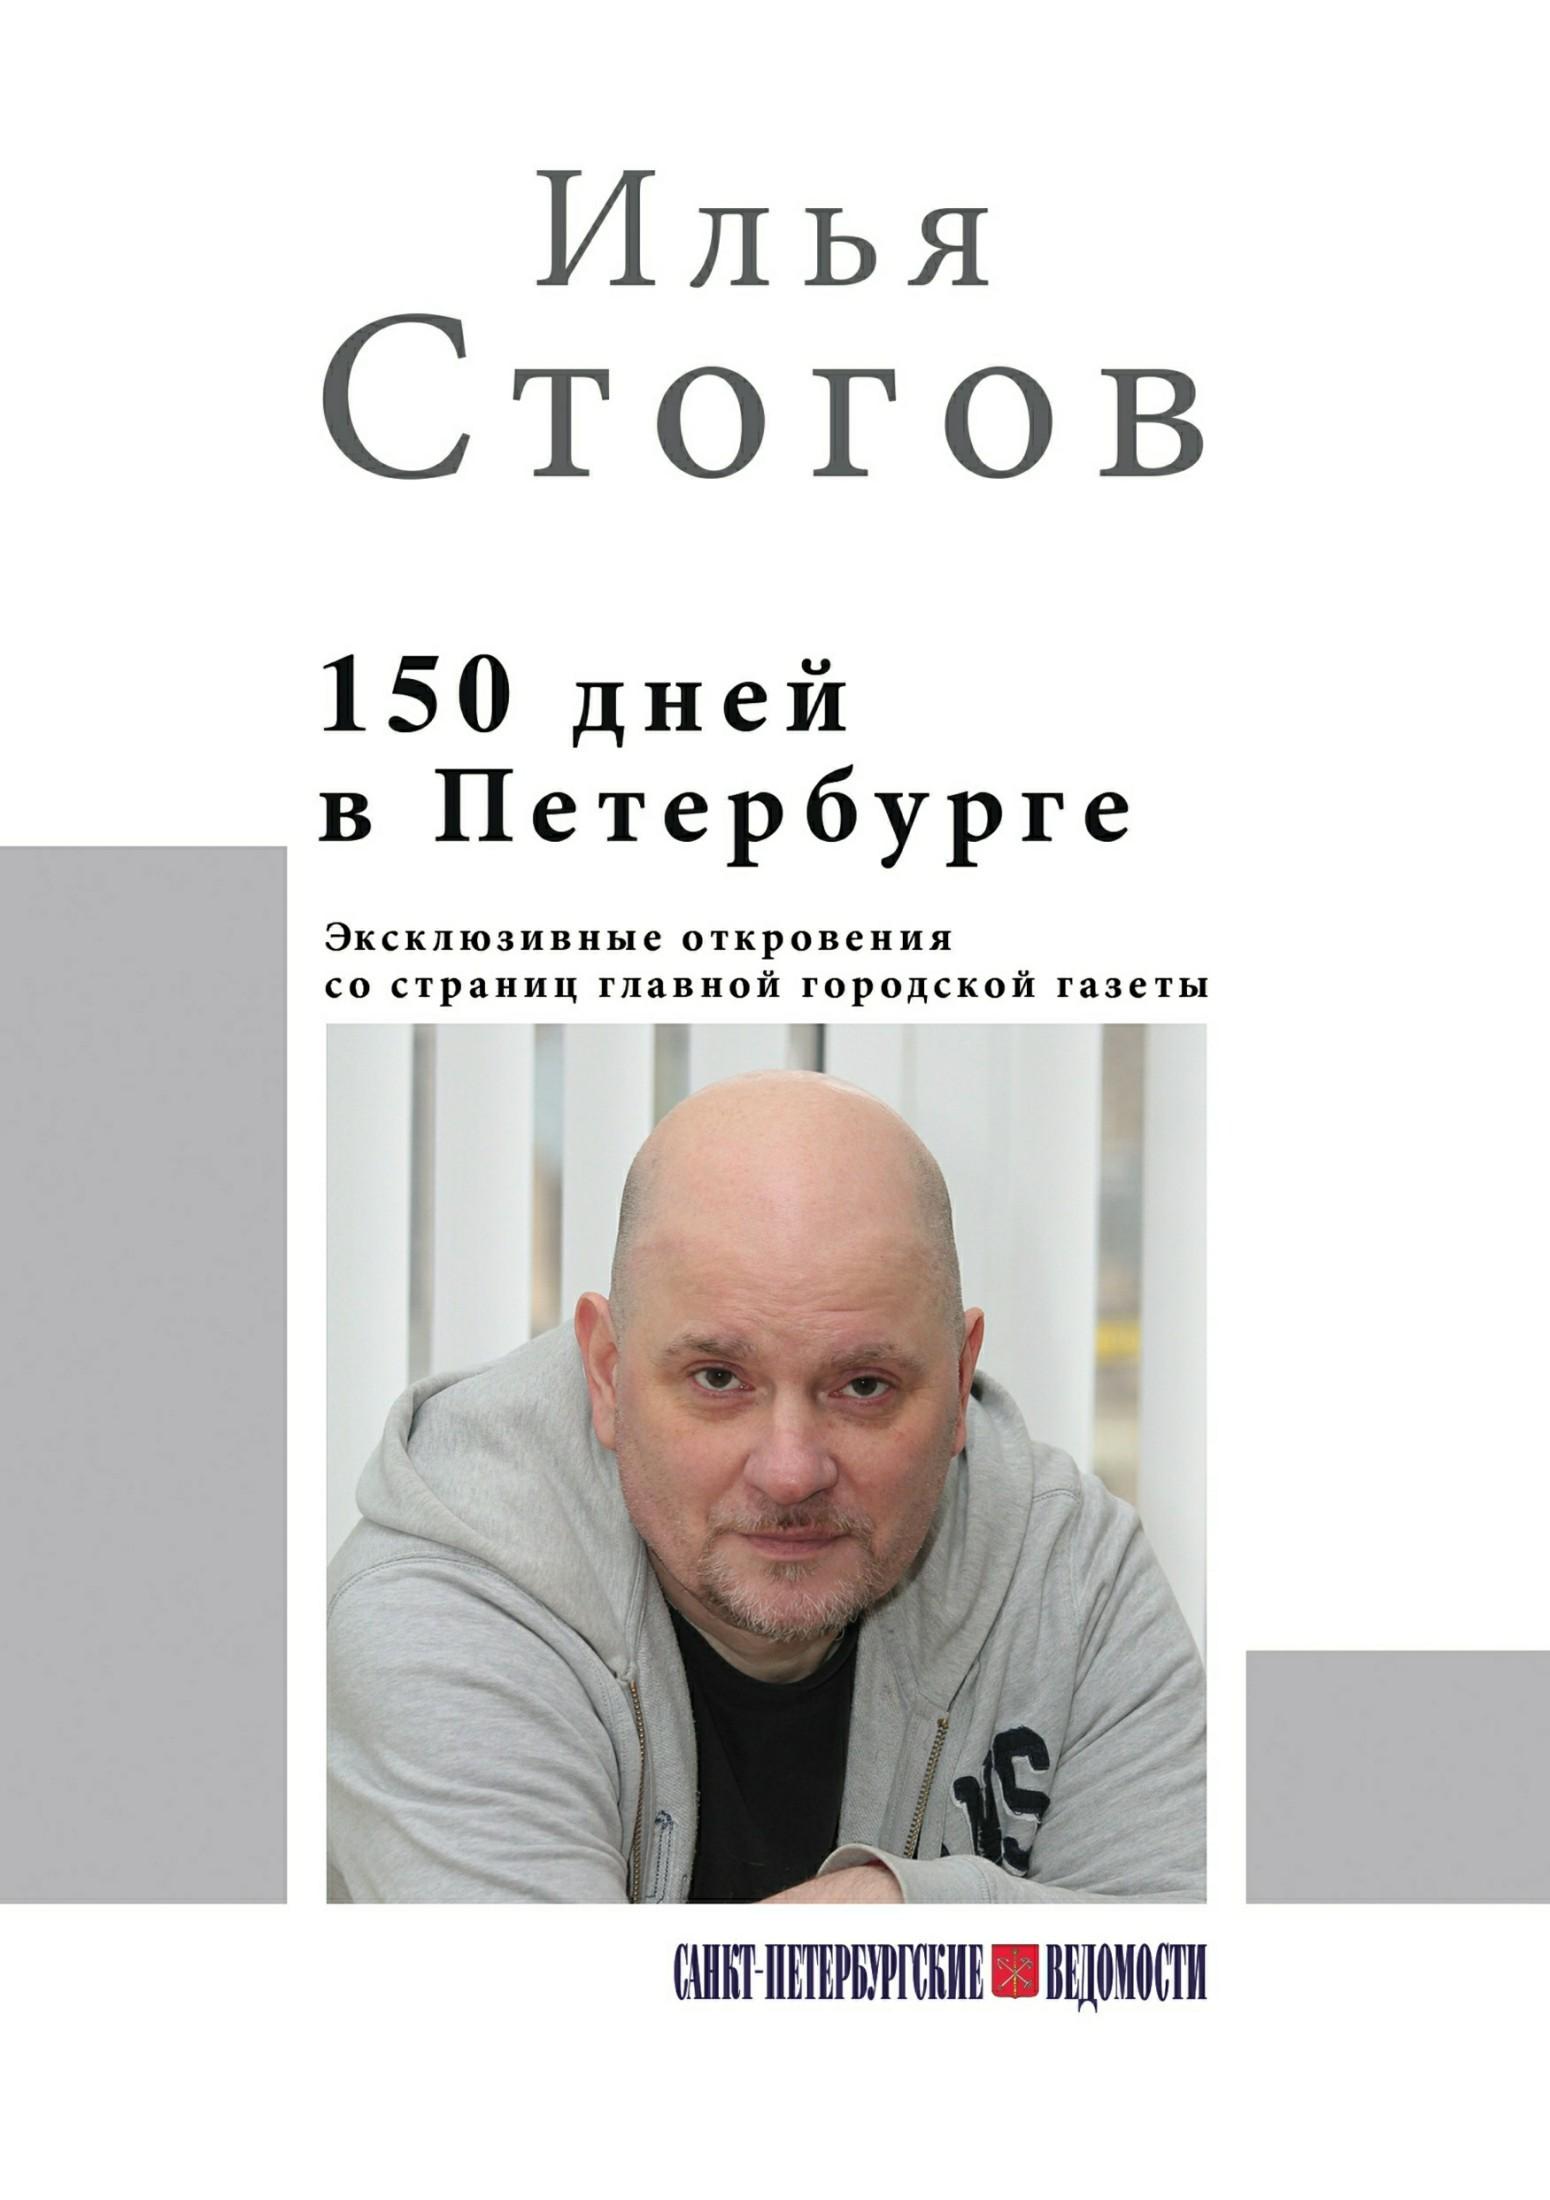 цена Илья Стогов 150 дней в Петербурге